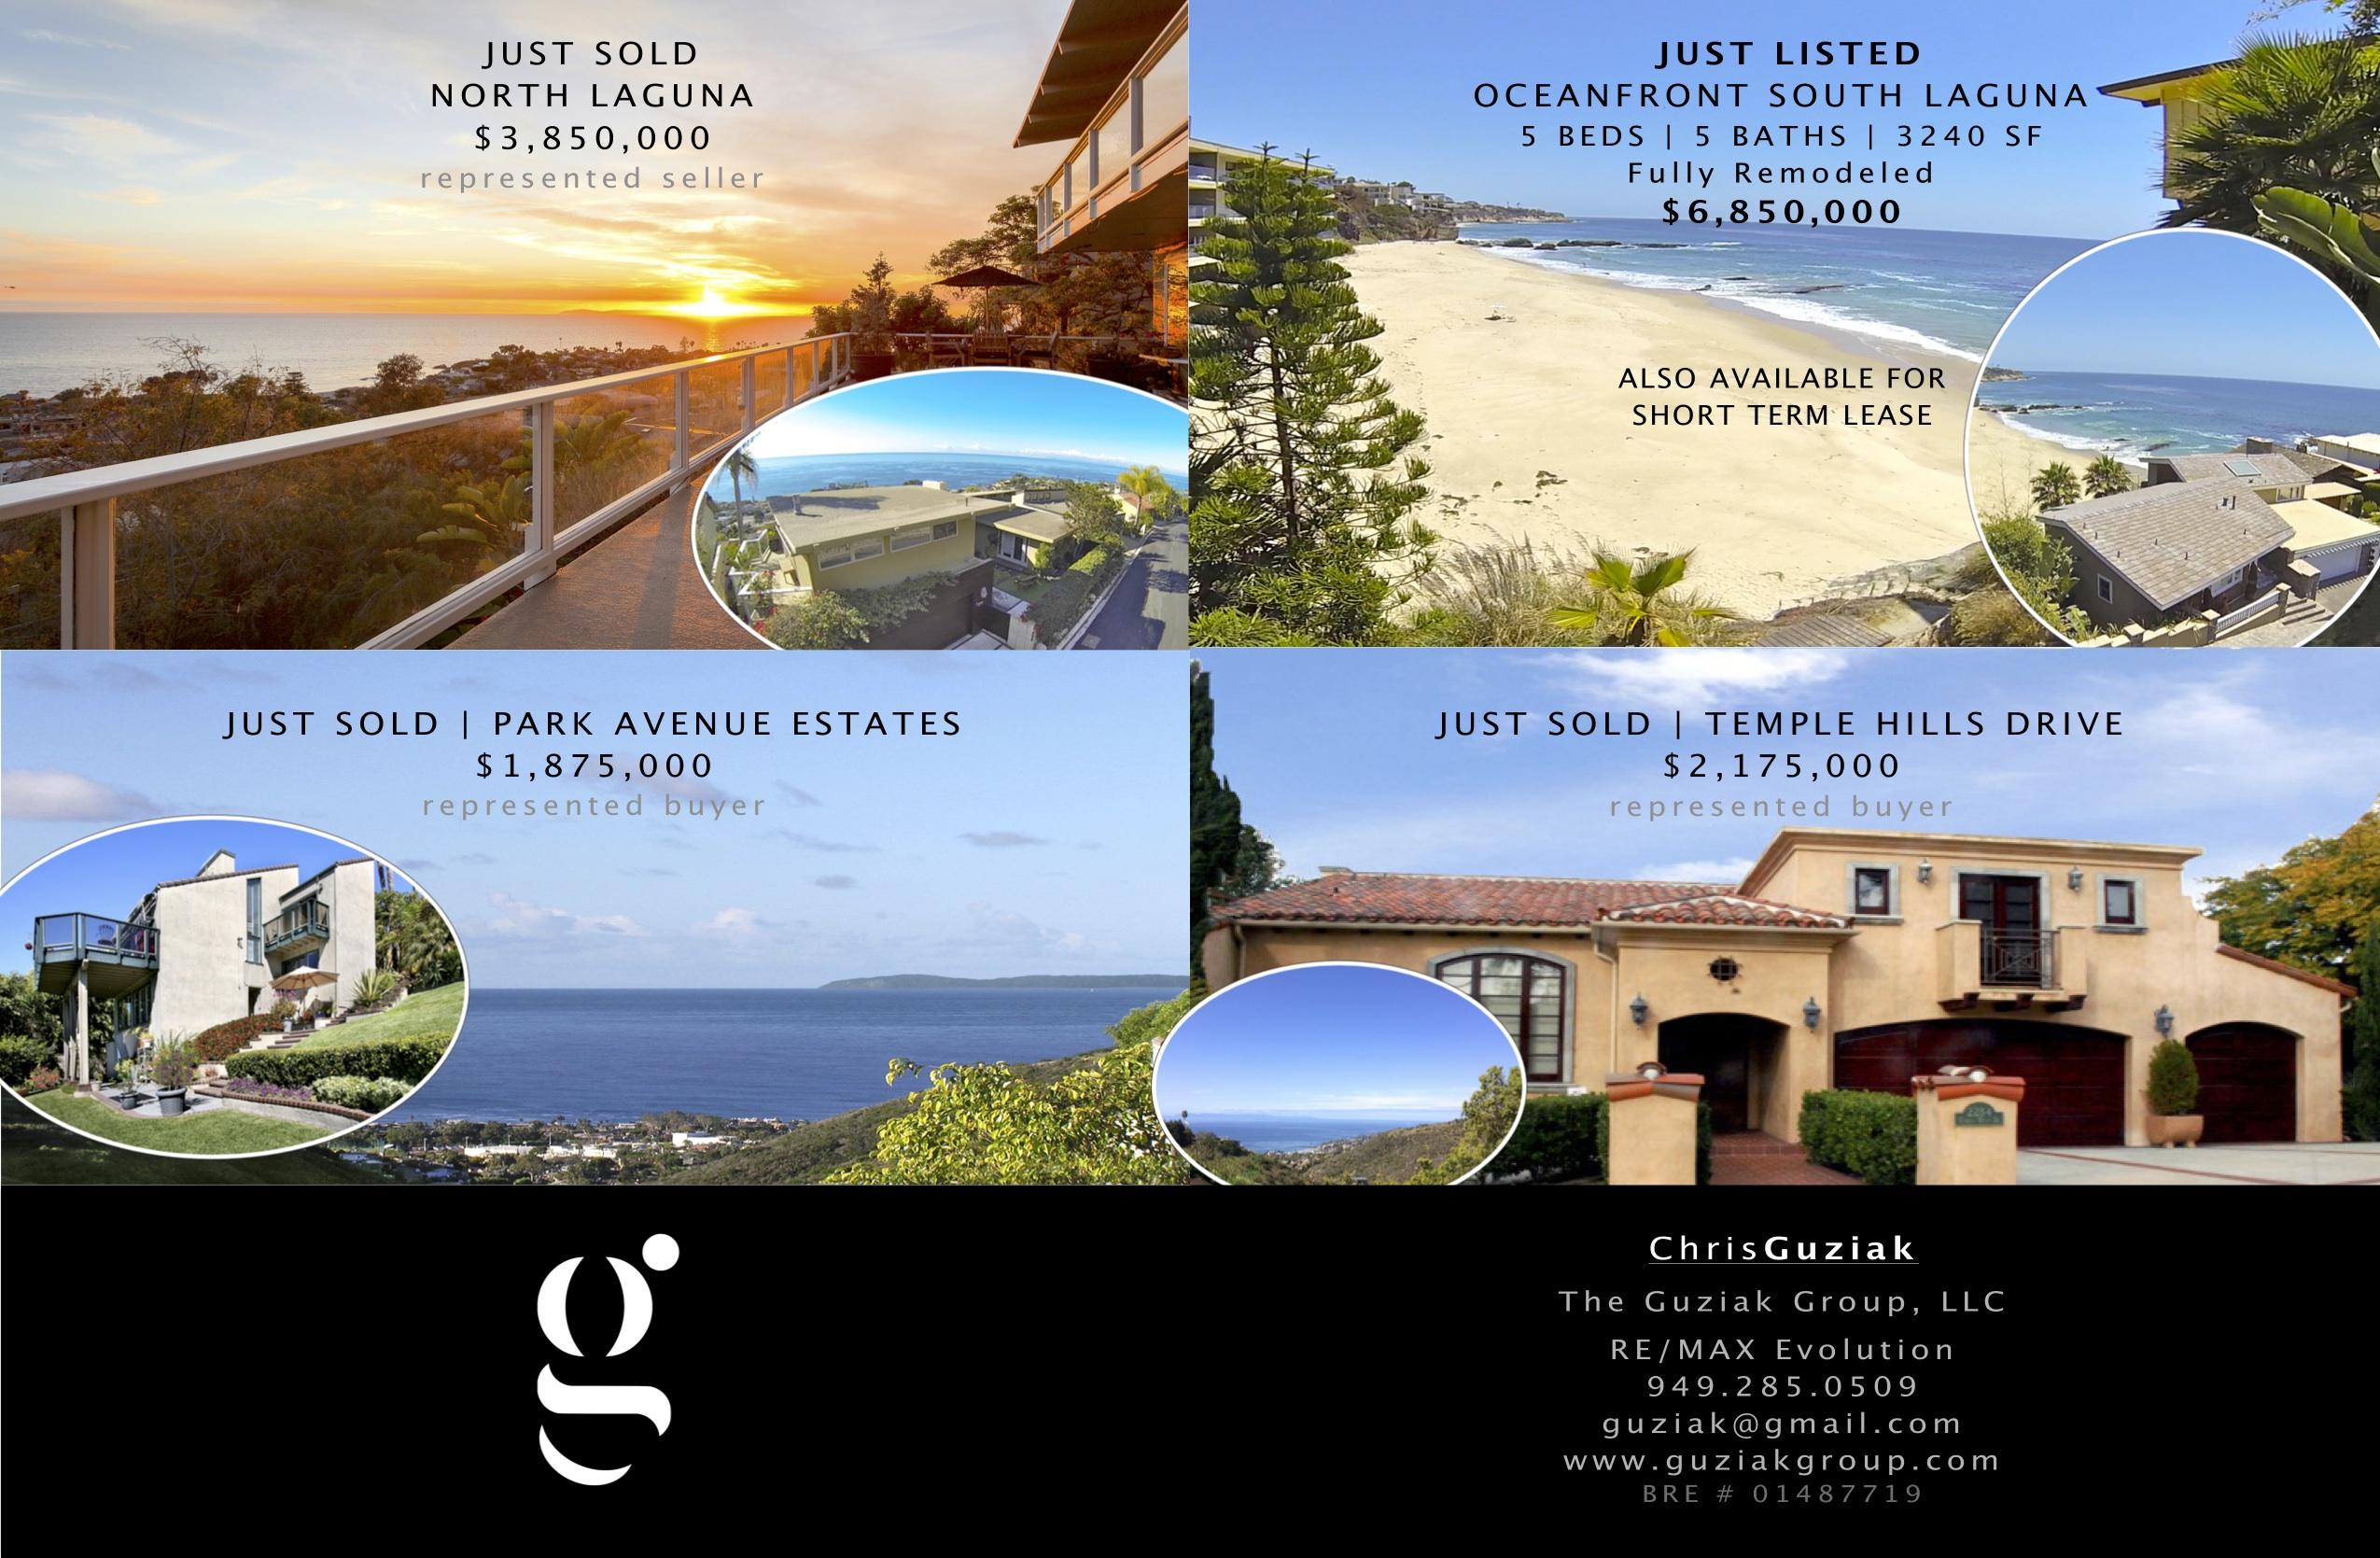 laguna beach art magazine 0.jpg